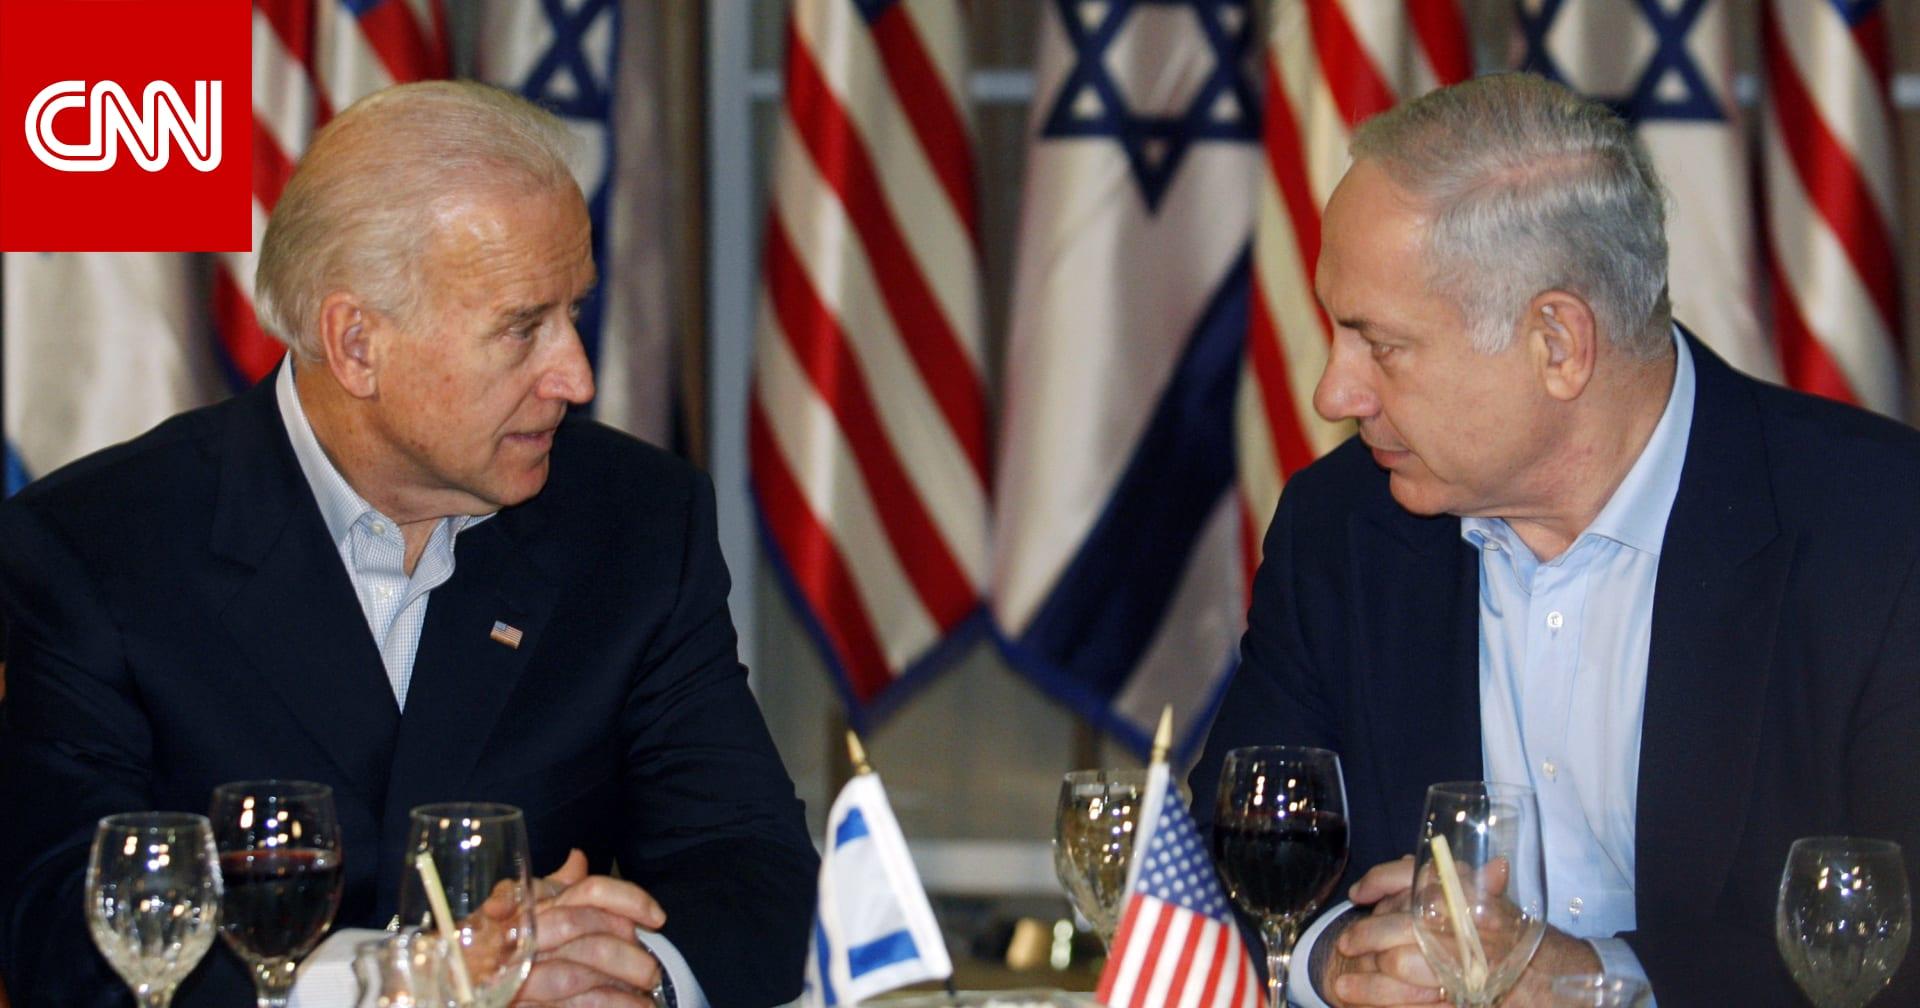 نتنياهو يوجه رسالة للرئيس الأمريكي جو بايدن حول السلام مع الدول العربية والتعامل مع إيران